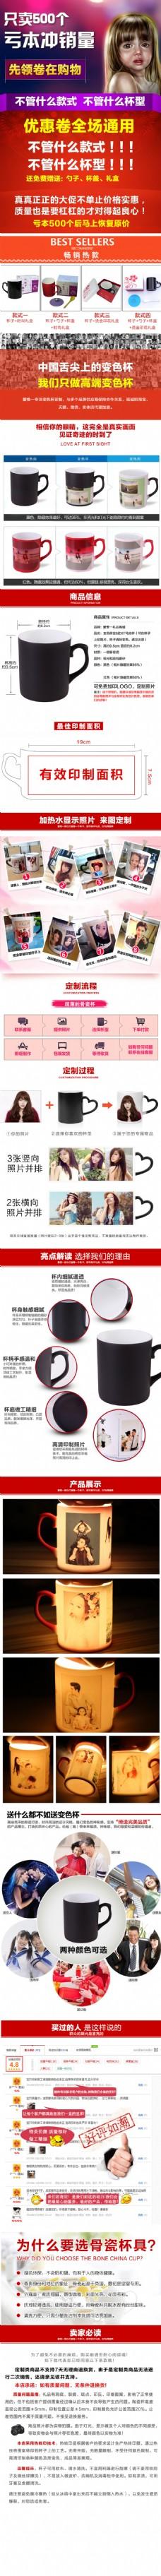 淘宝天猫心把陶瓷变色杯1元店惠众设计